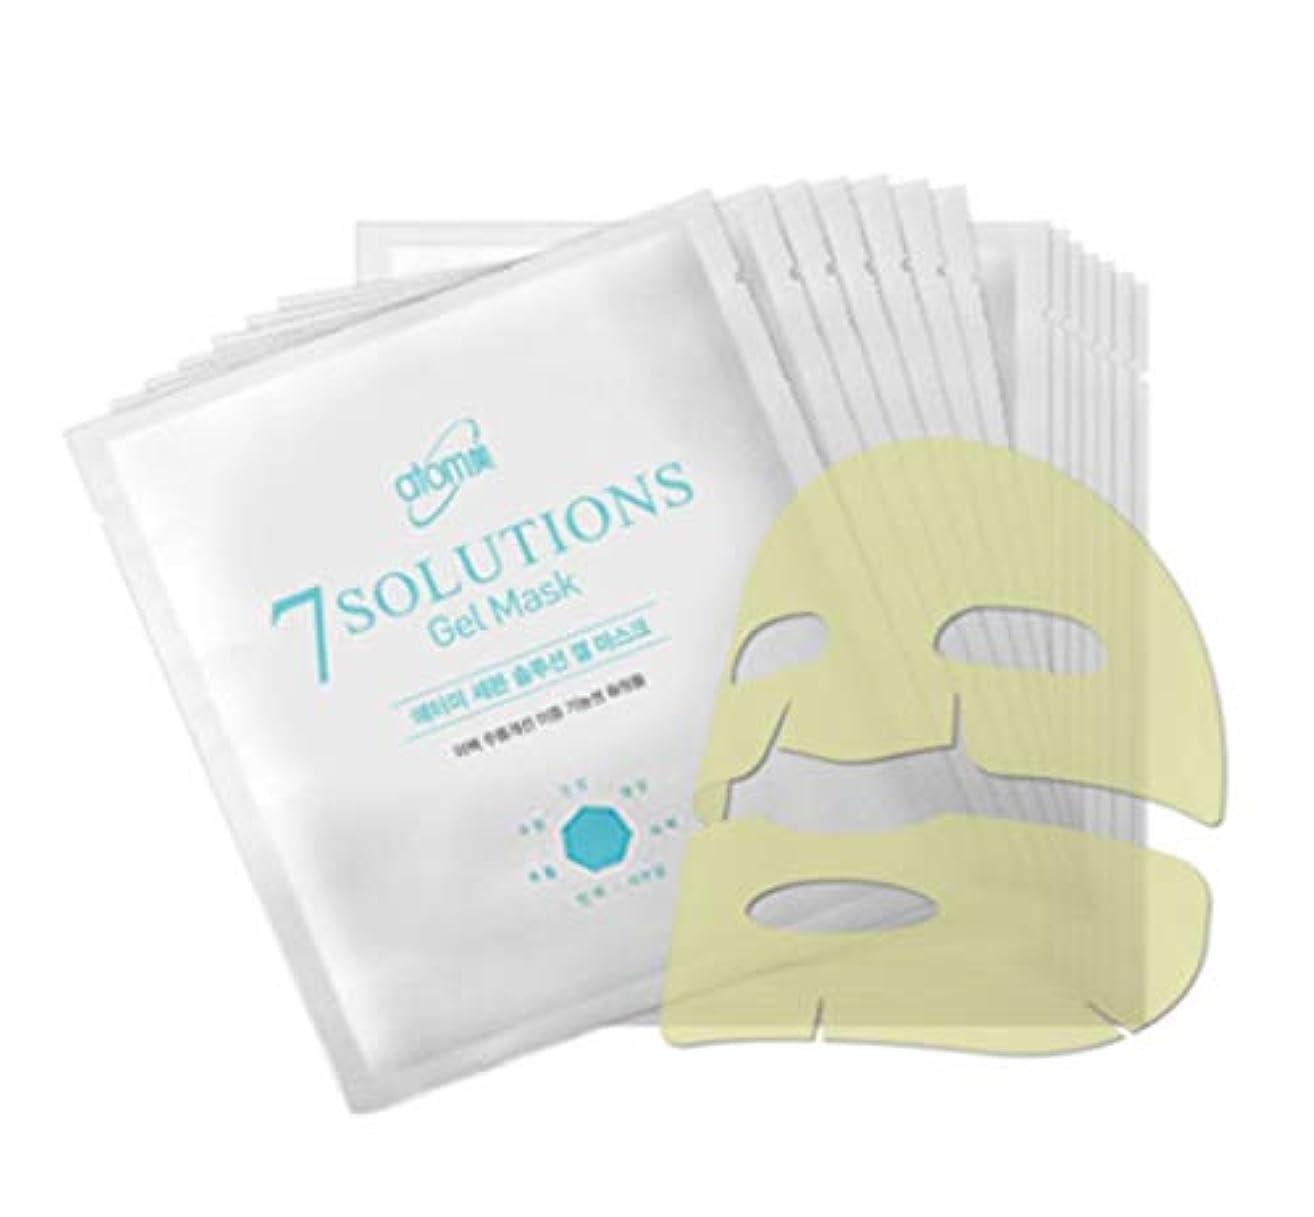 に賛成妊娠した吹雪Atomy アトミ 7 solution Gel Mask 25g X 14ea美白シワ改善二重機能性化粧品(並行輸入品)